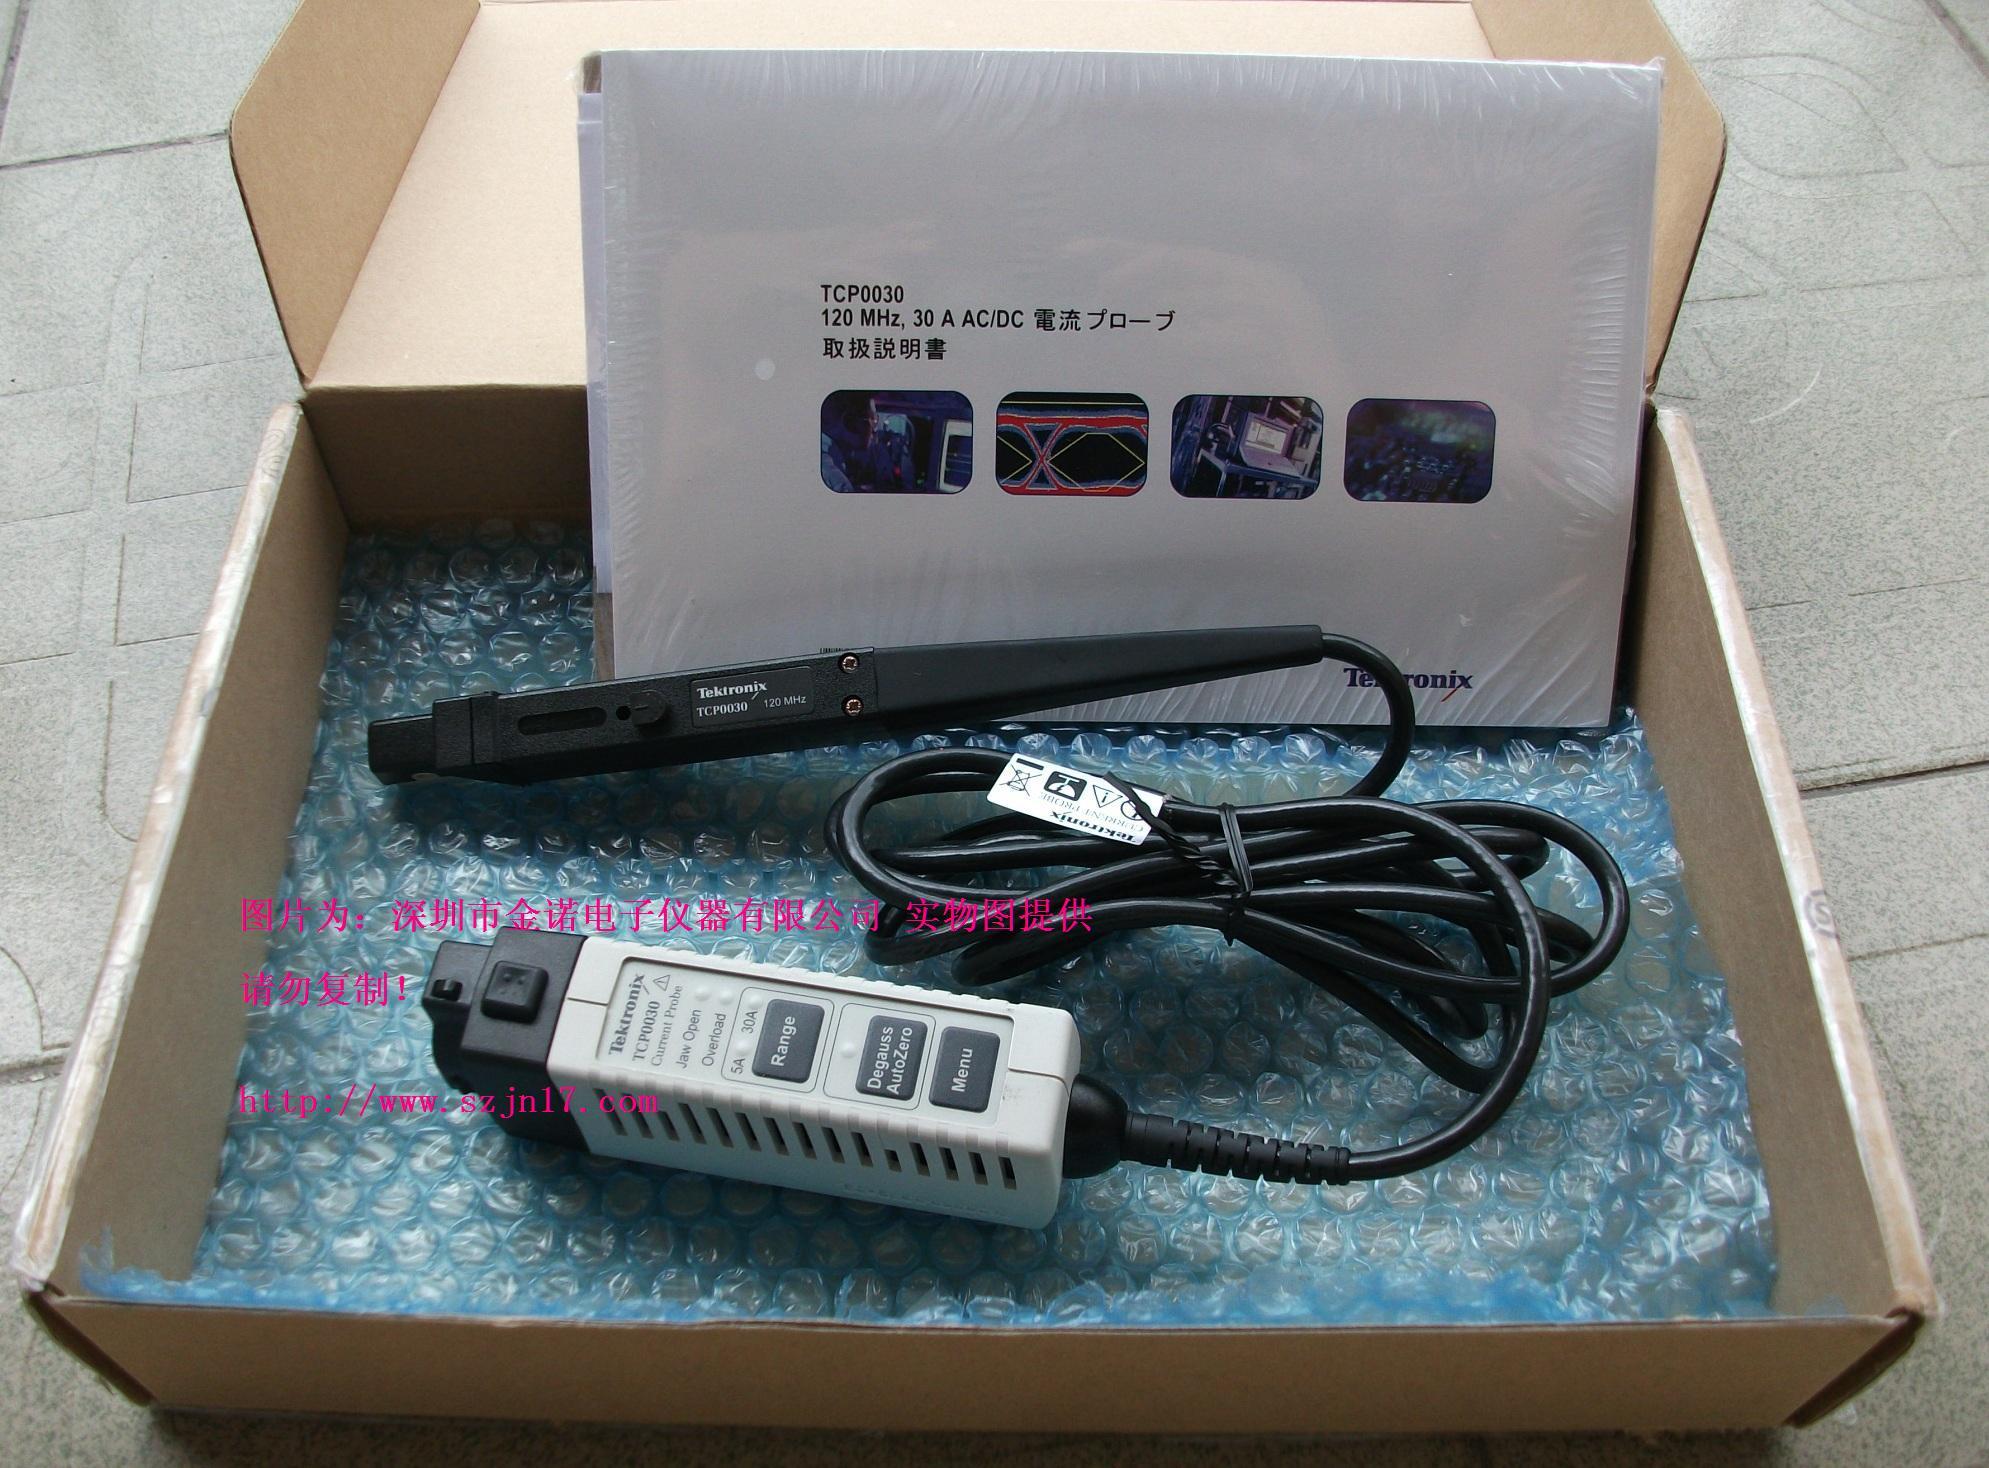 tcpa300主机与示波器连接线